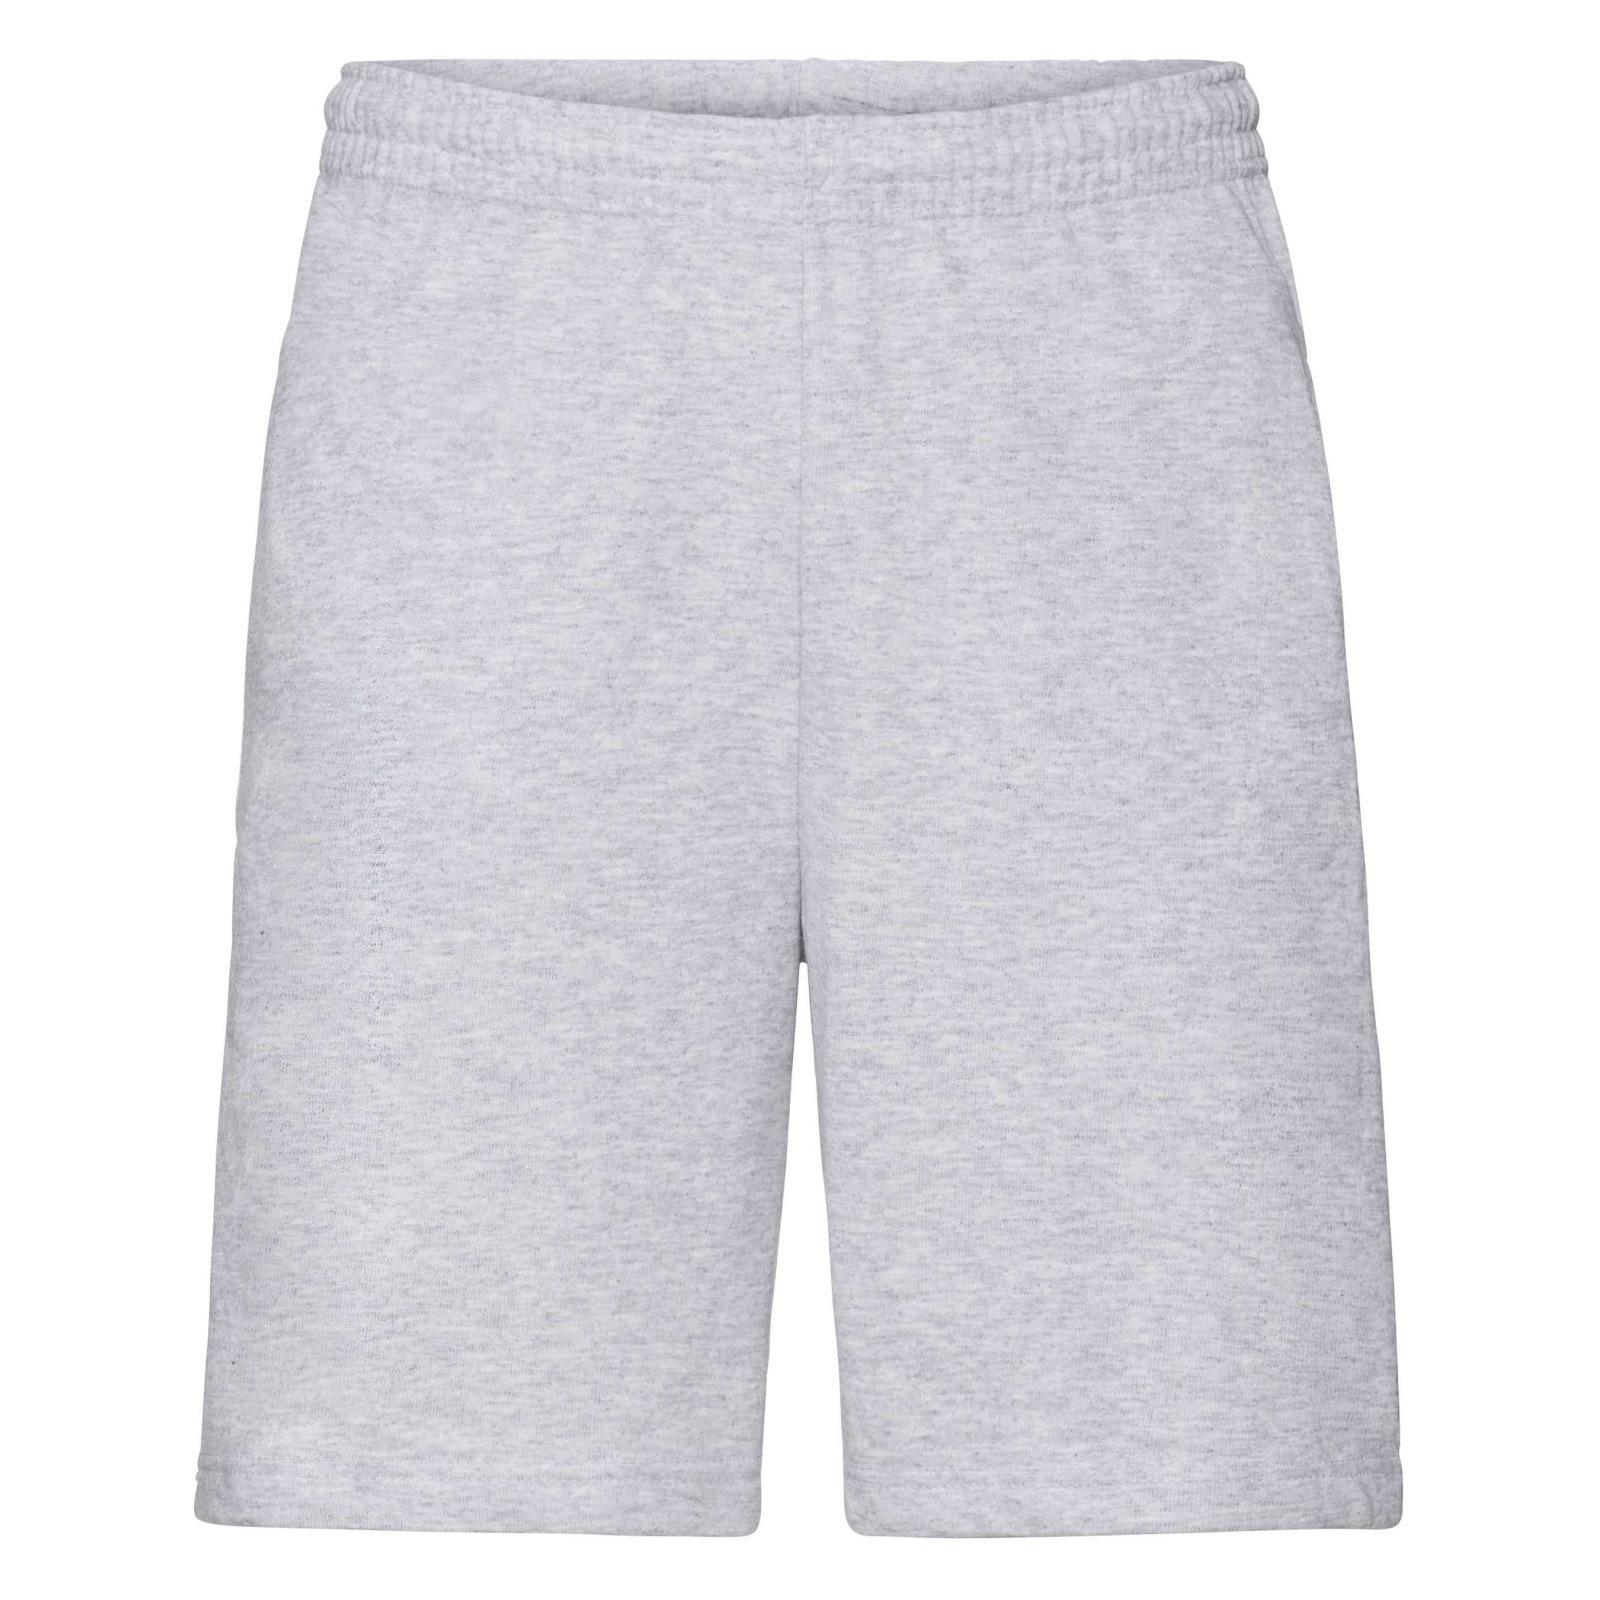 Grijze shorts korte joggingbroek voor heren